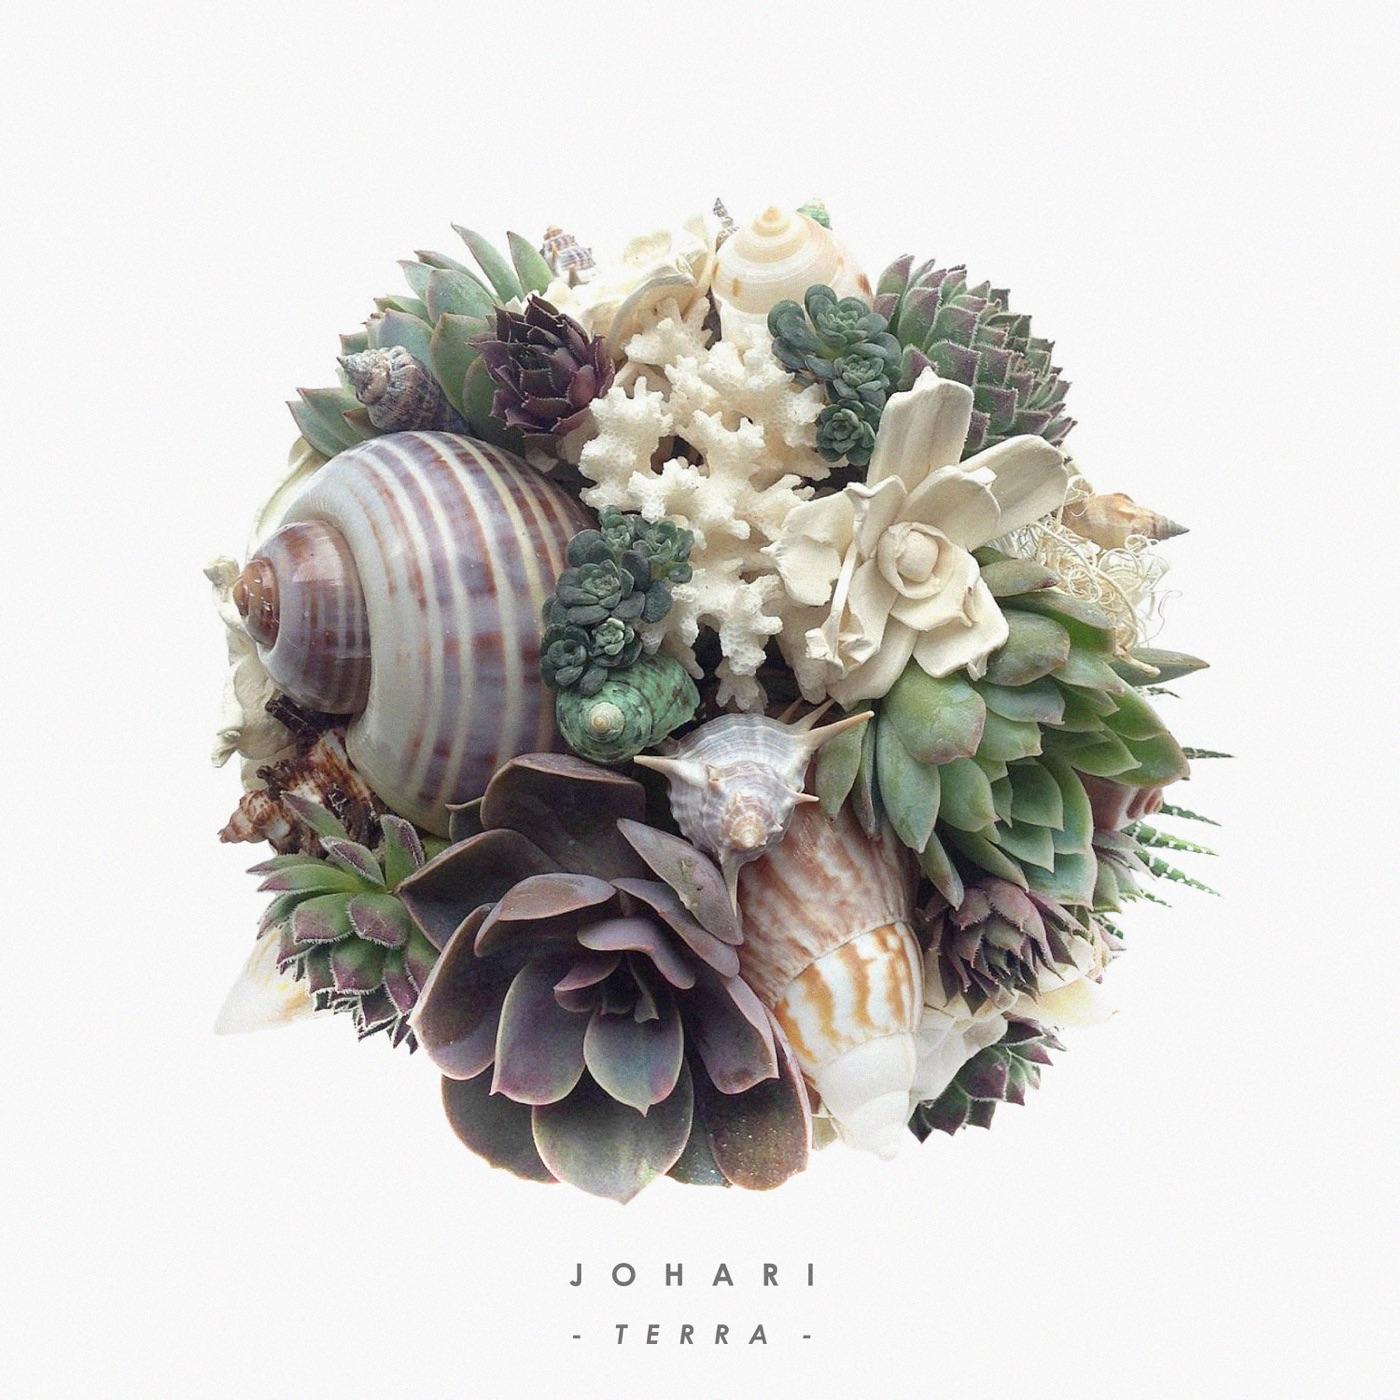 Johari - Terra (2017)